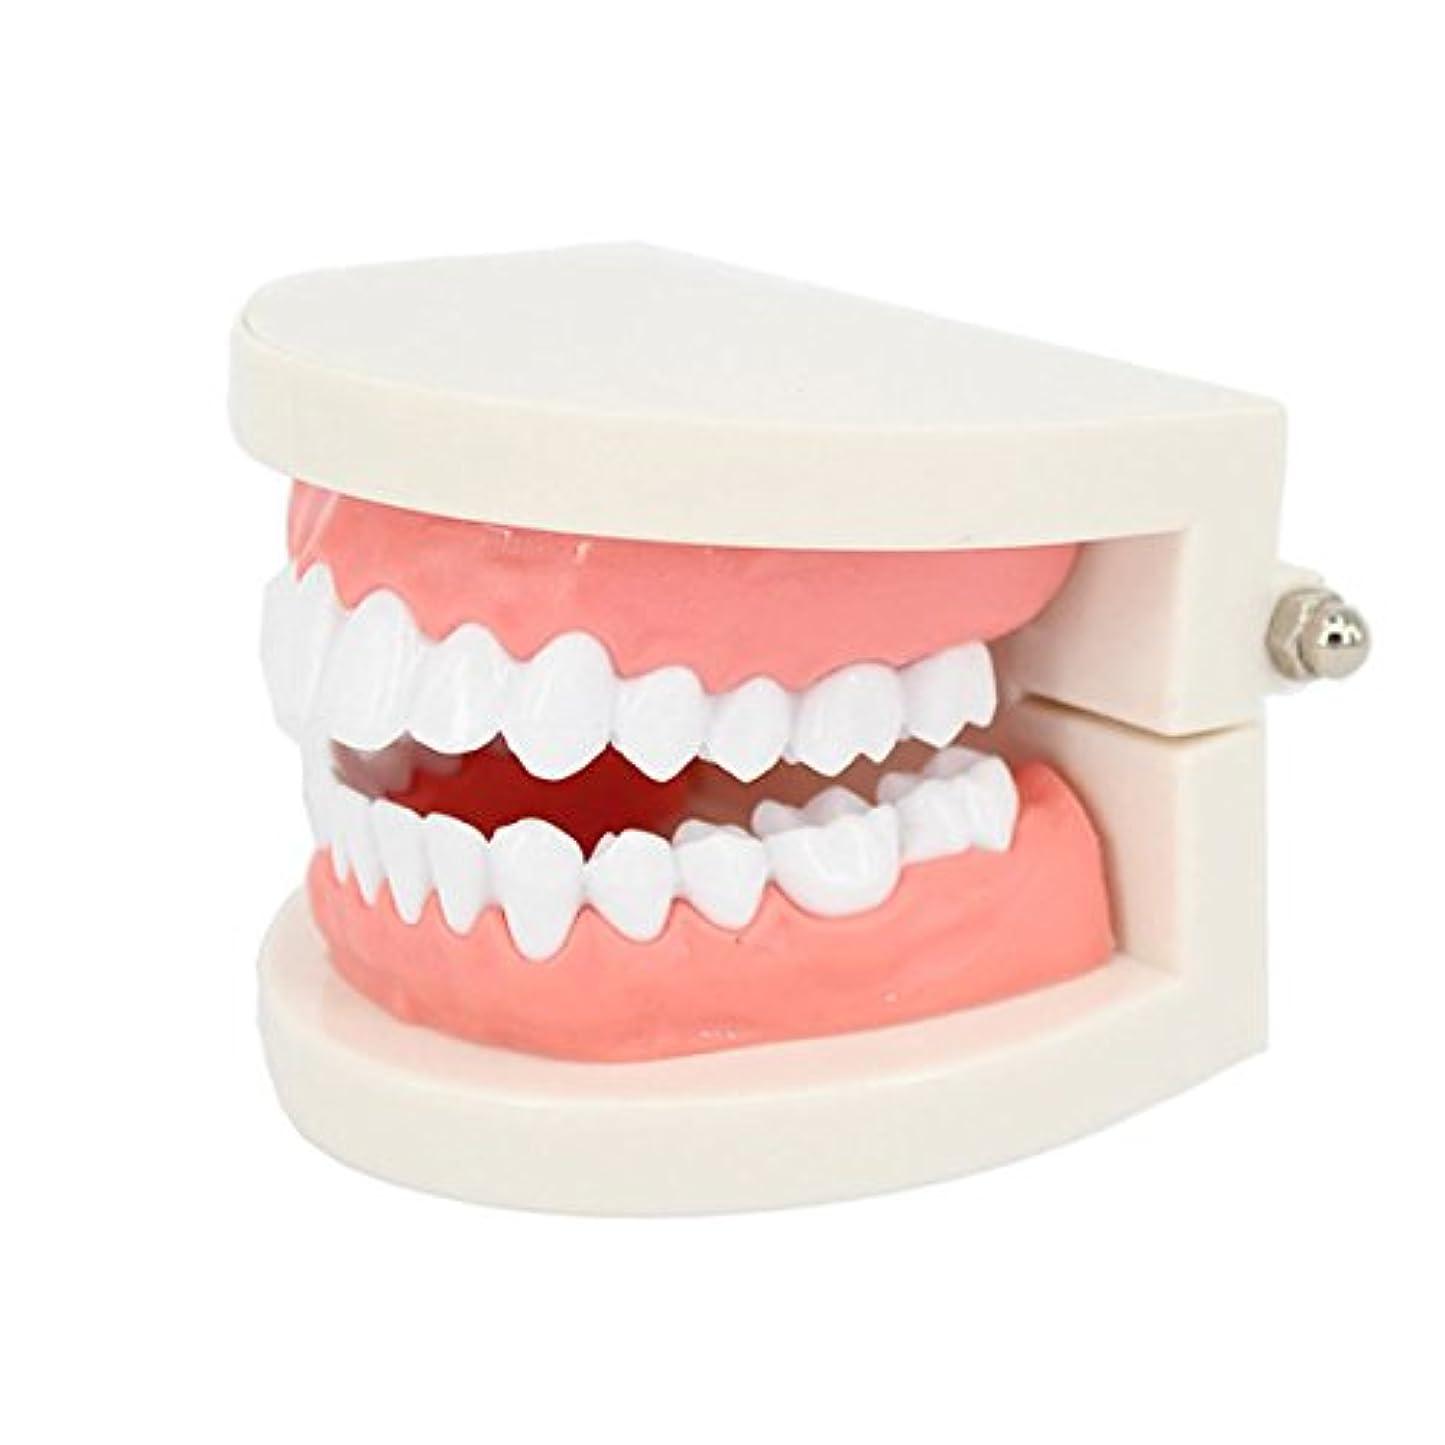 タックかすかな調停するROSENICE 歯科医 歯列模型 歯は着脱可能 指導用模型